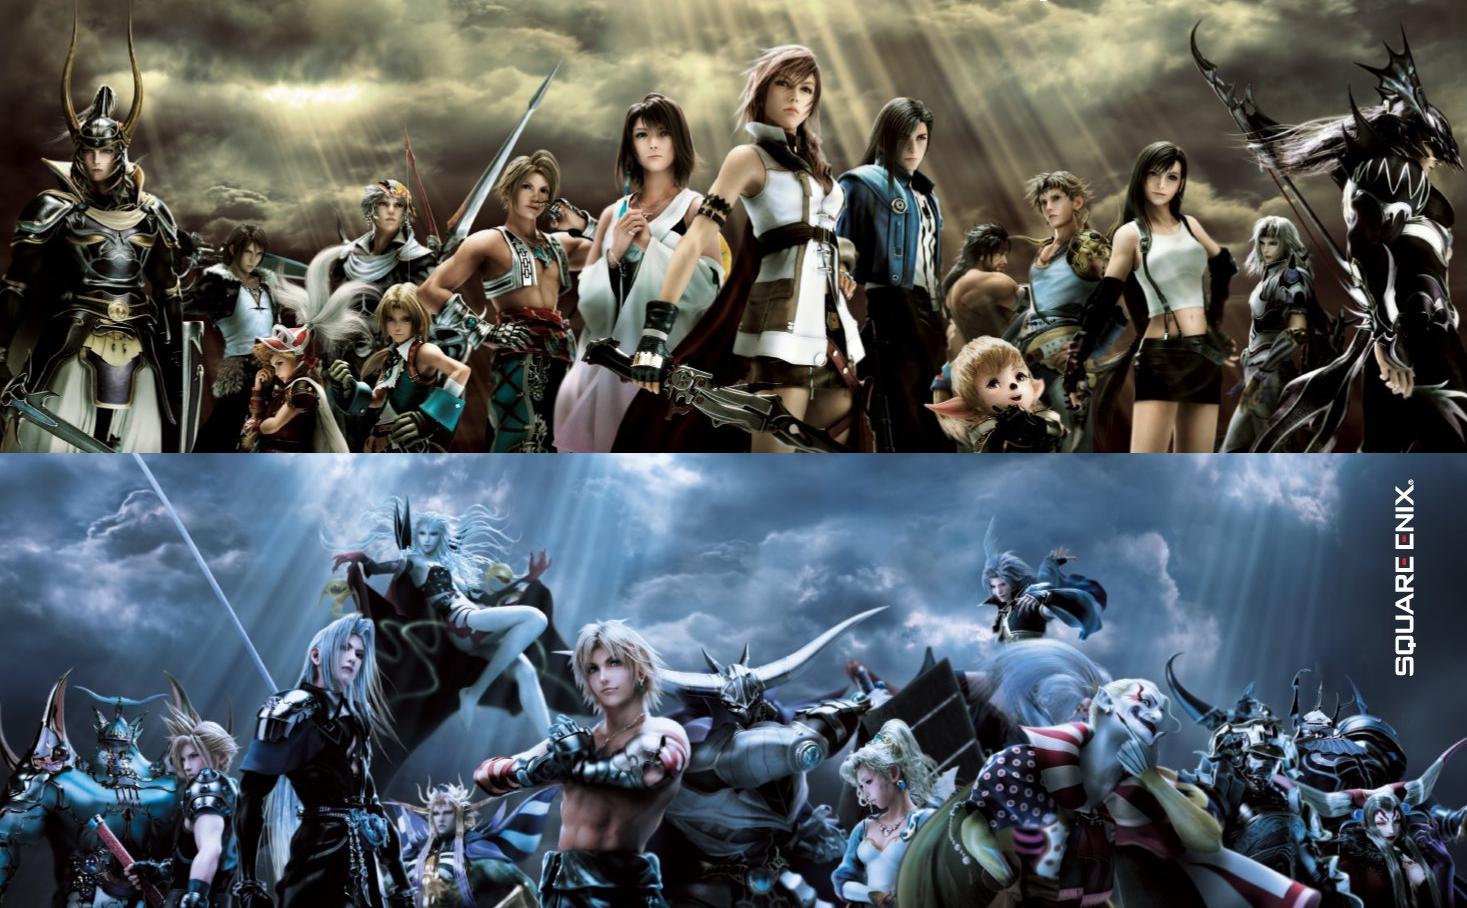 All final fantasy main characters - photo#5